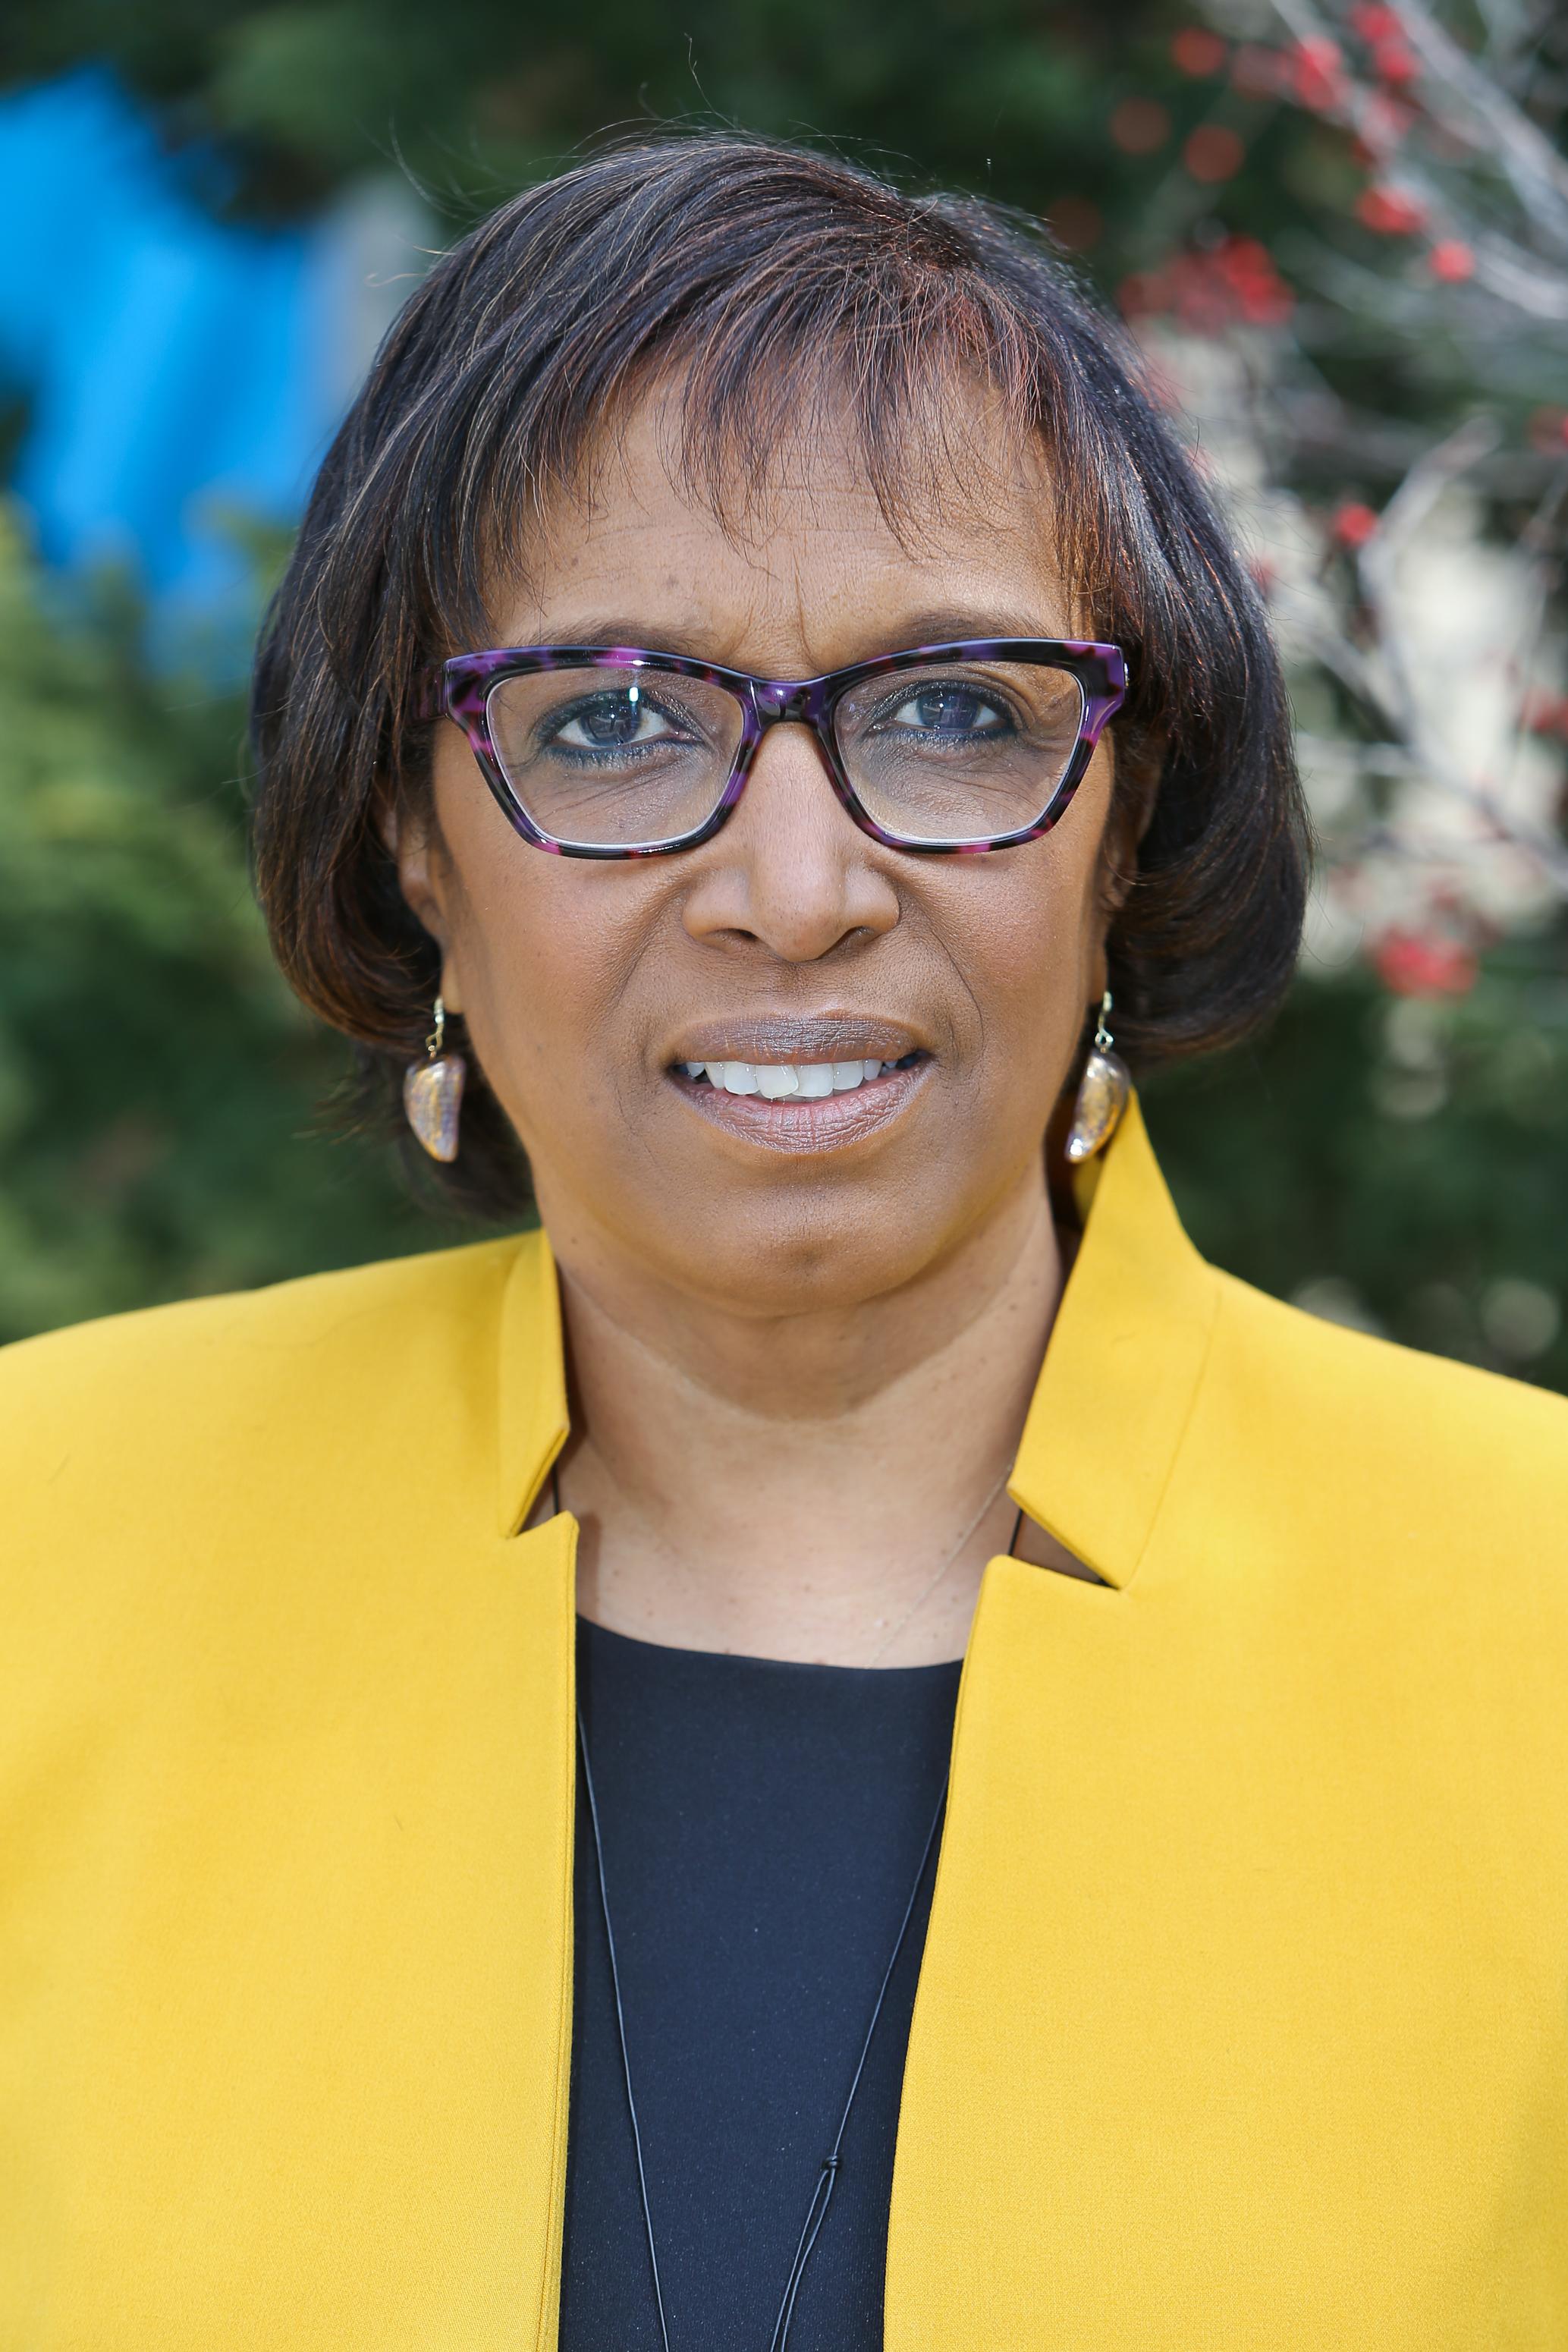 Valerie Broadie